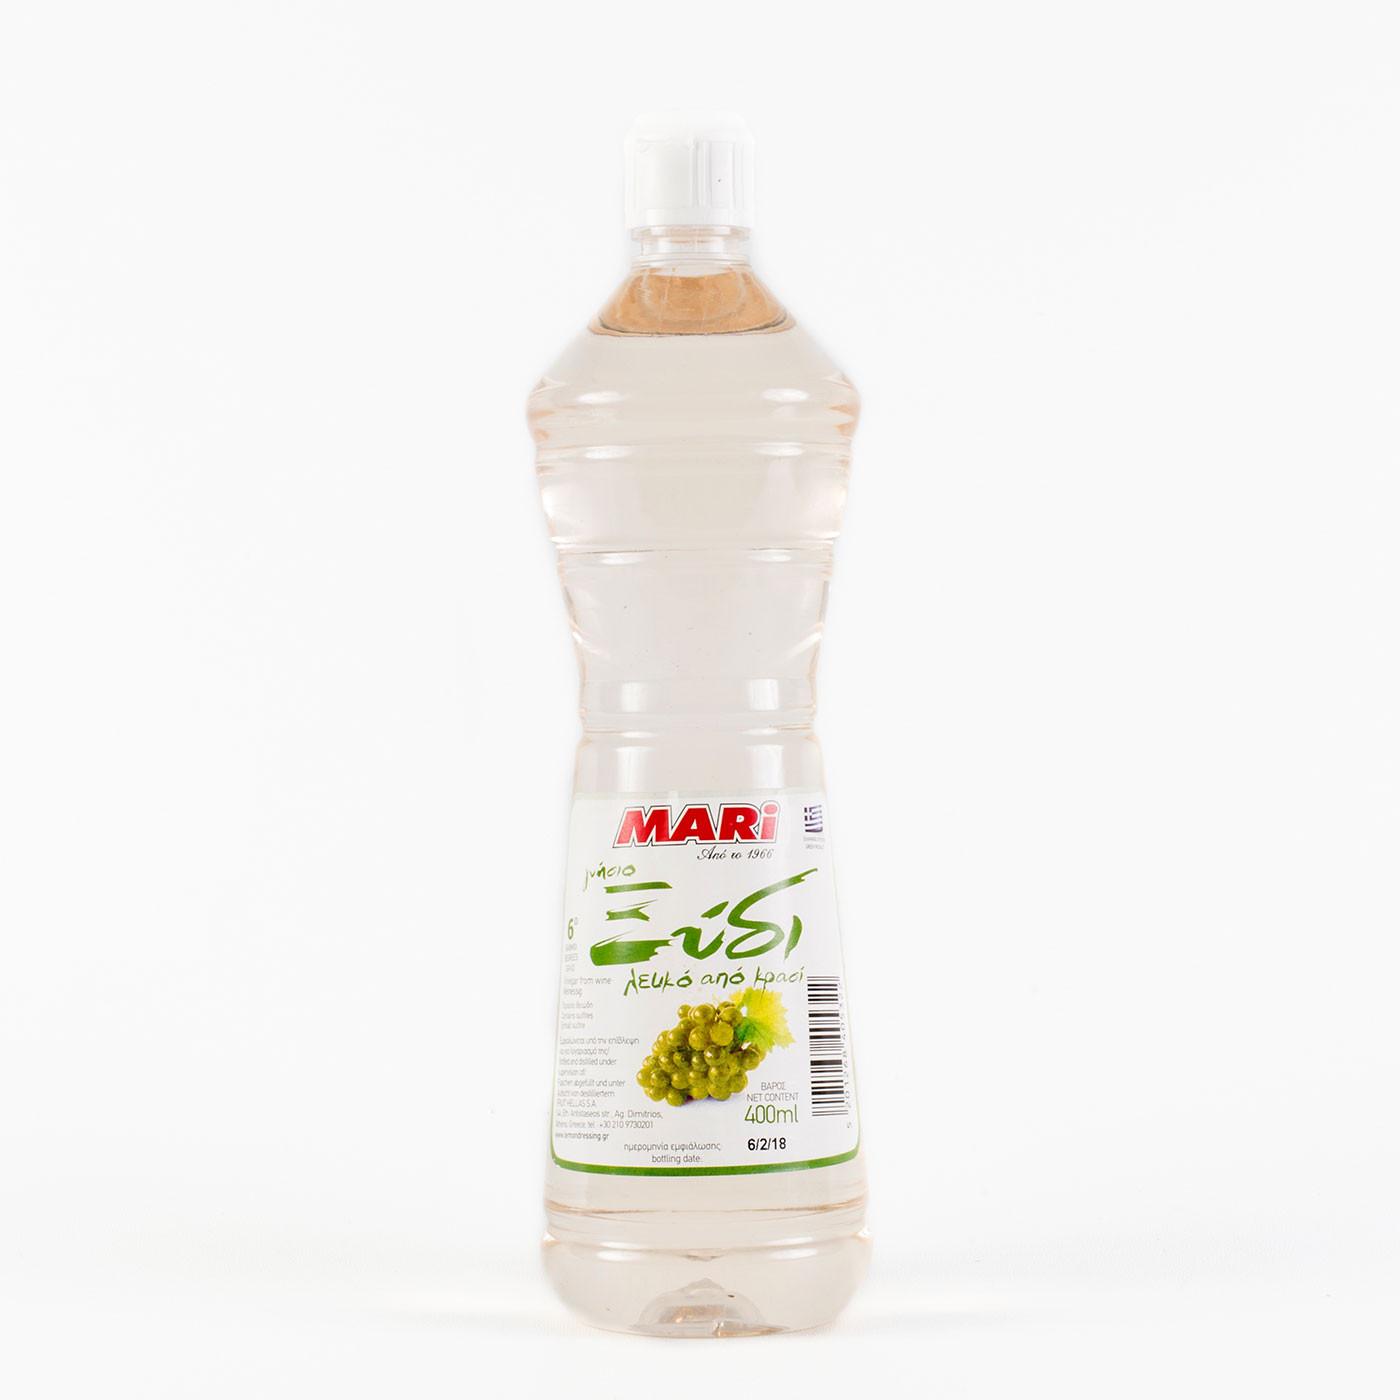 """Γνήσιο Ξύδι  Λευκό από Κρασί """"MARI"""" 400 ml."""